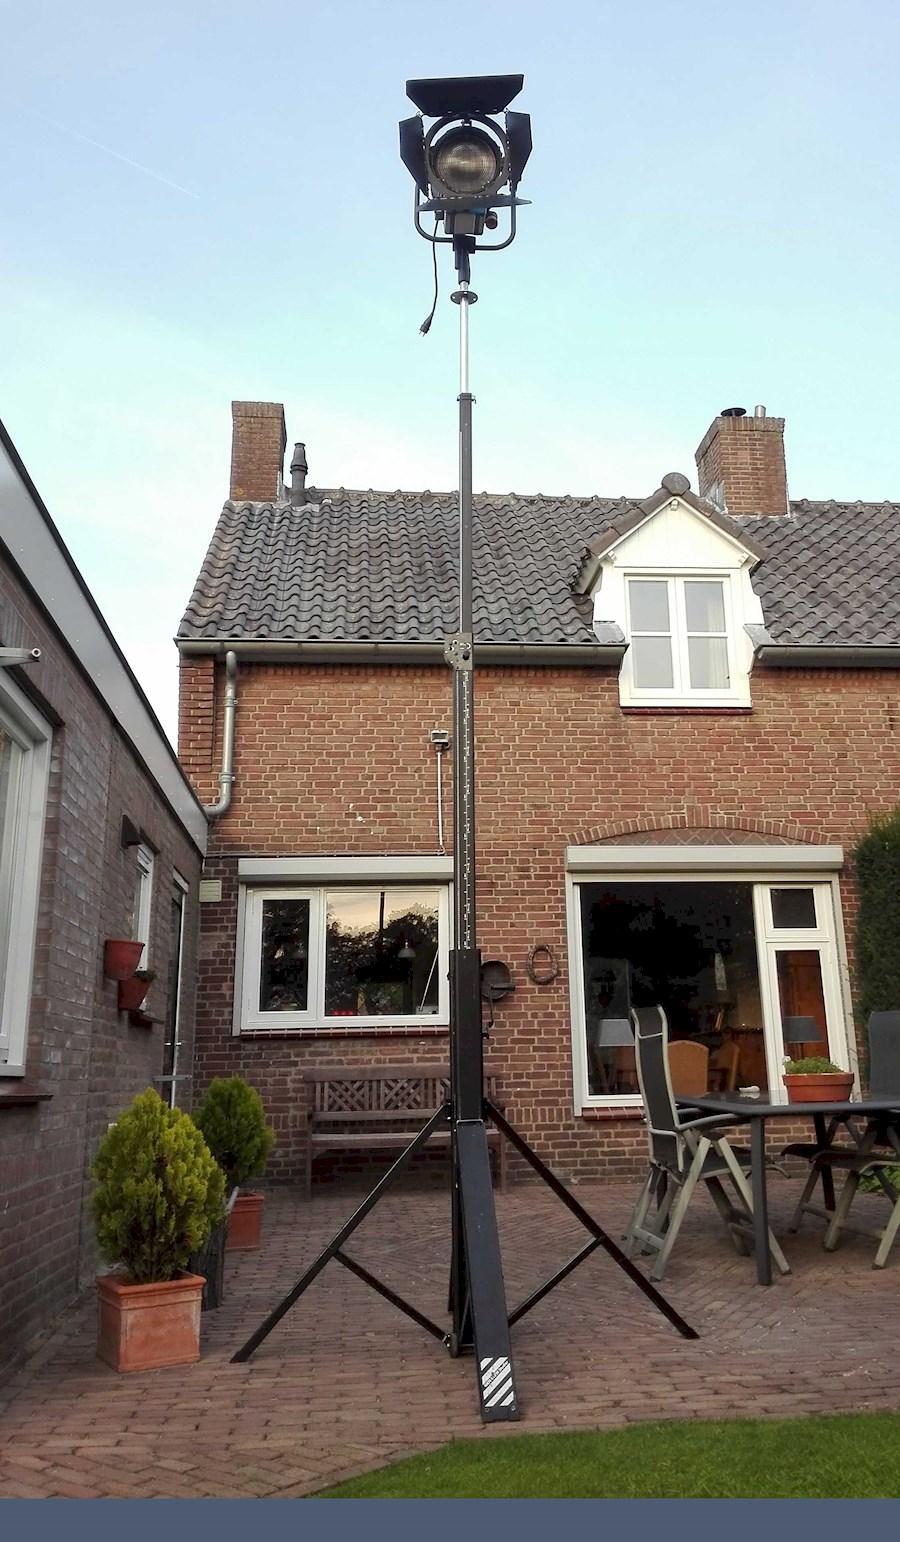 Rent a Lichtstatief wind-up  statief Duratruss goliat studio ST-4000 4,5 meter hoog max 120kg in Nieuwkuijk from BLICK FILM & LIVE V.O.F.